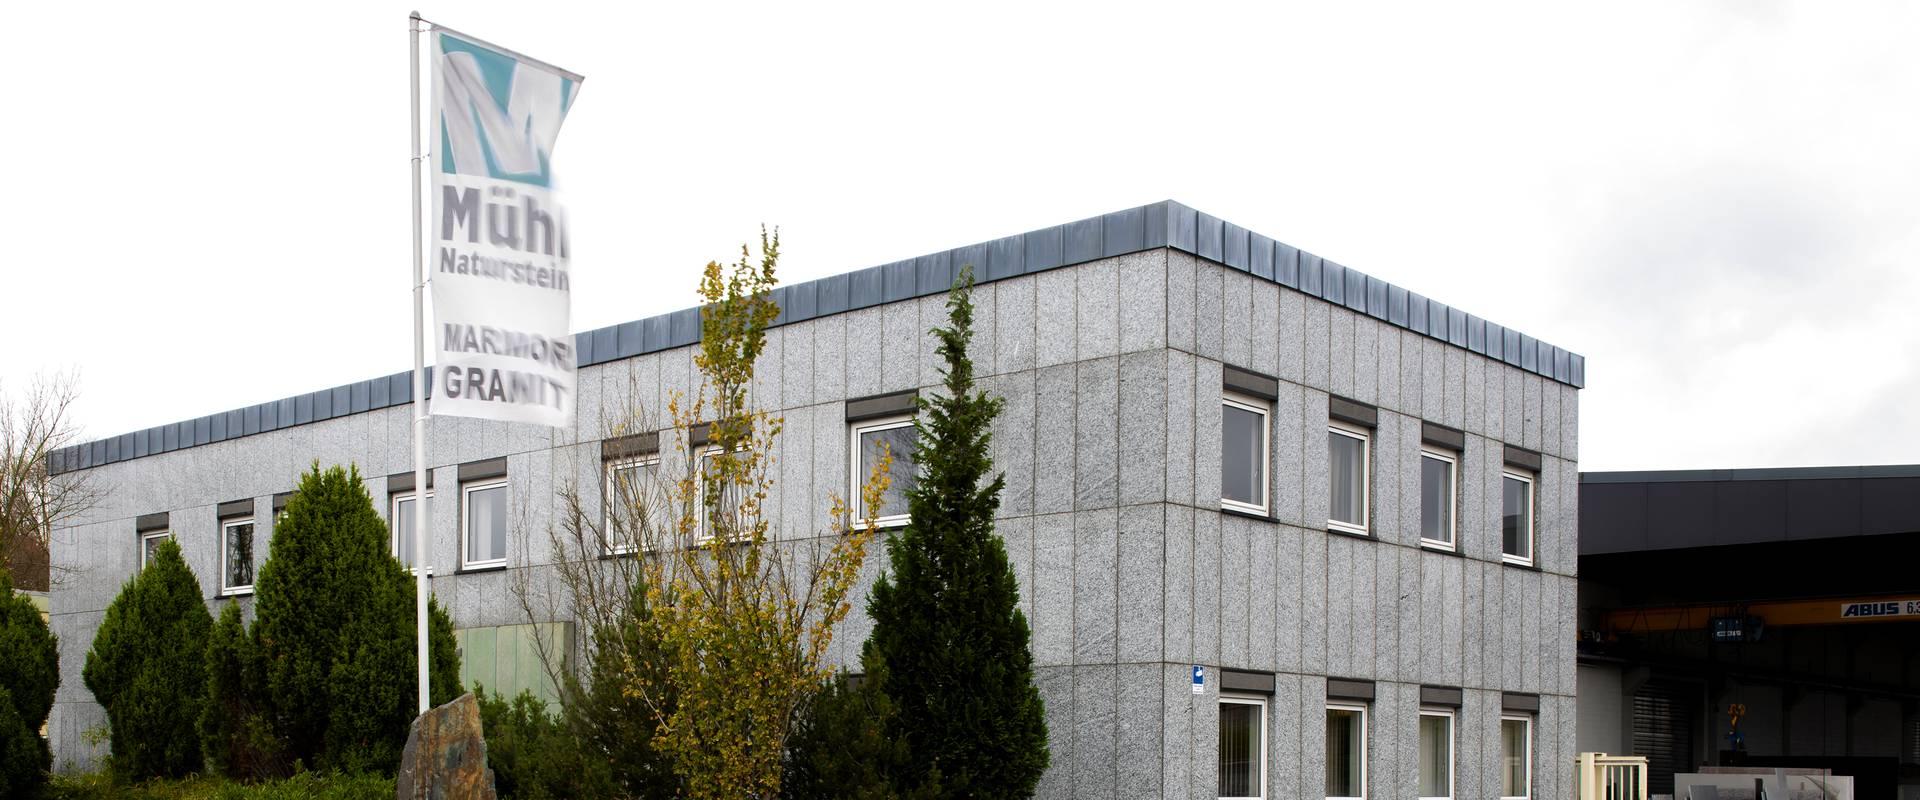 Muehl-Naturstein-Hannover-Garbsen-Slide-1